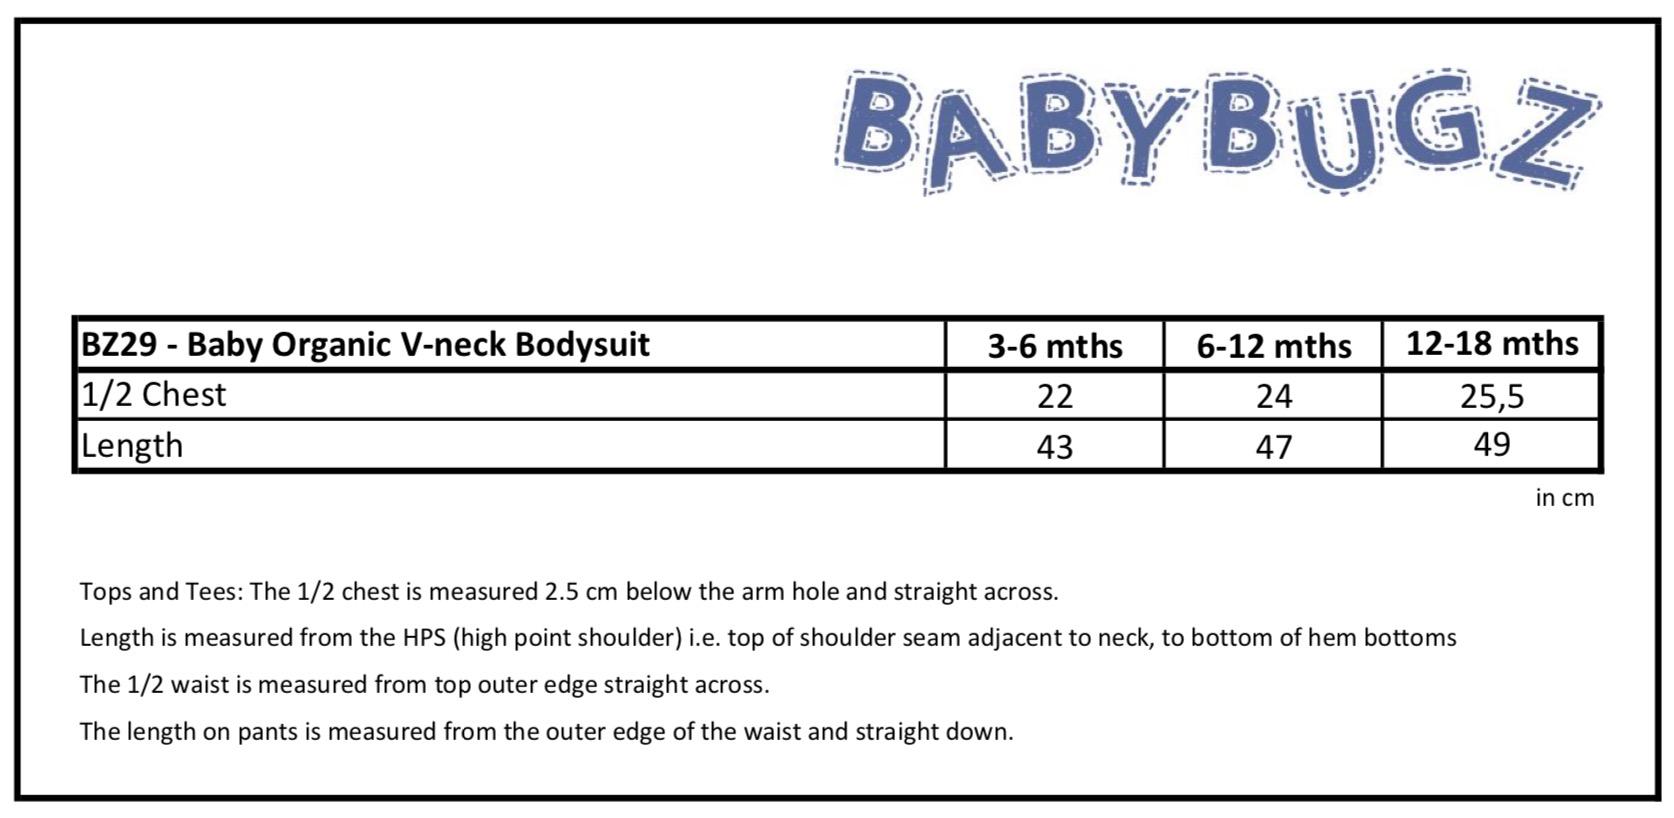 BabyBugz: Baby Organic V-neck Bodysuit BZ29